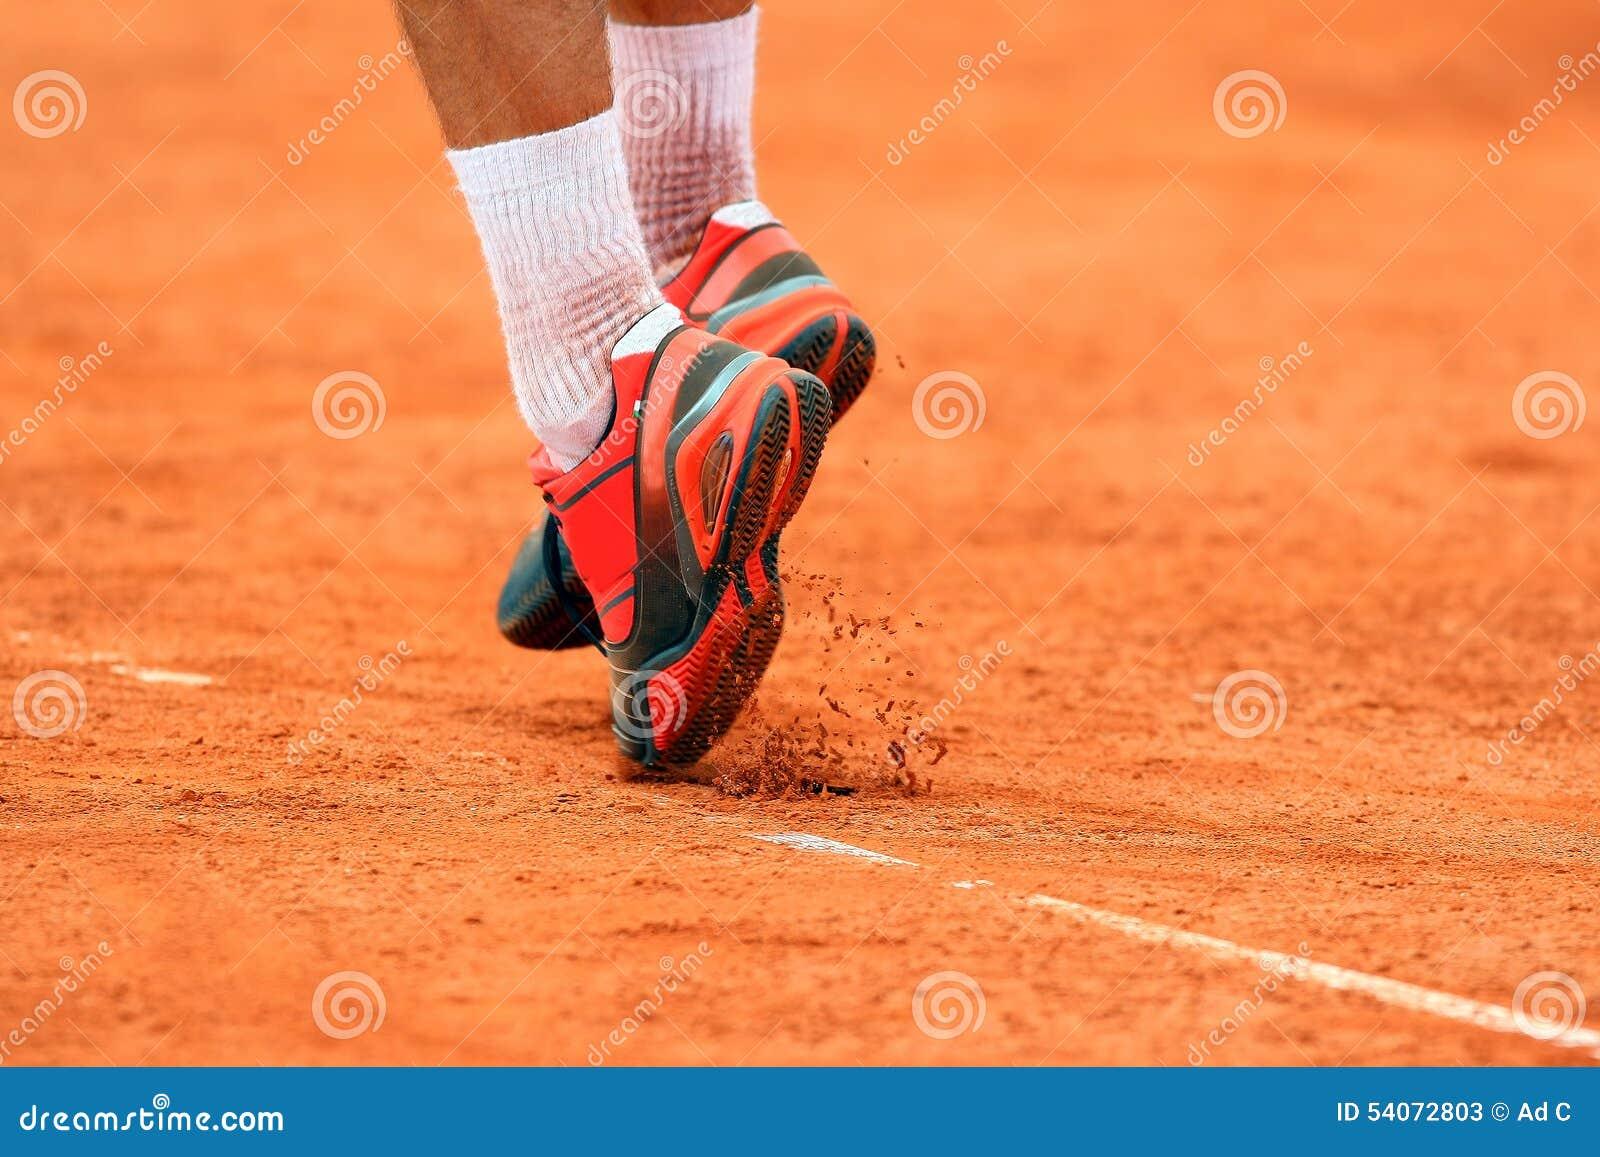 Pieds d 39 un joueur de tennis sautant pour servir sur clay for Prix d un court de tennis